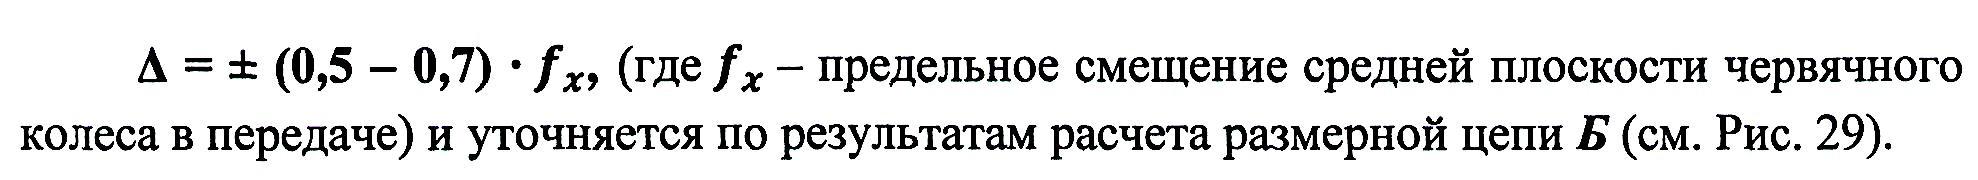 Рис 17В